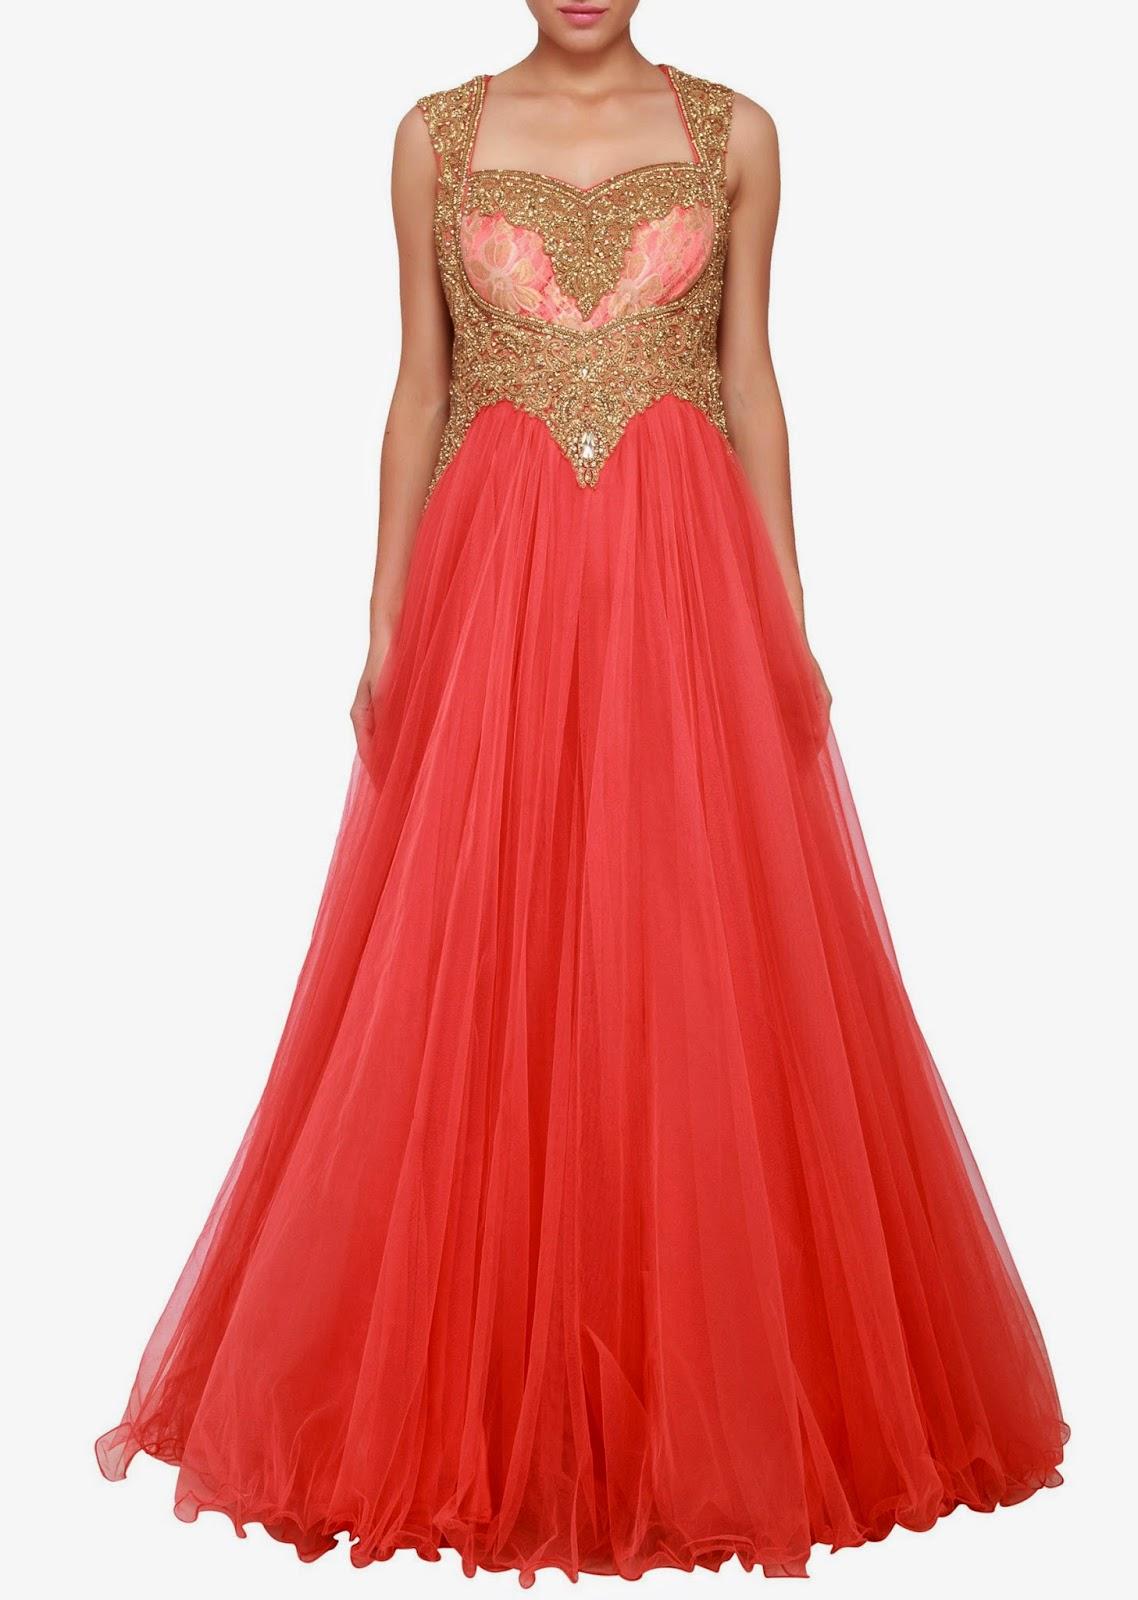 2014 Indowestern Bridal Gowns by Designer Kalki | Sketch Customs ...